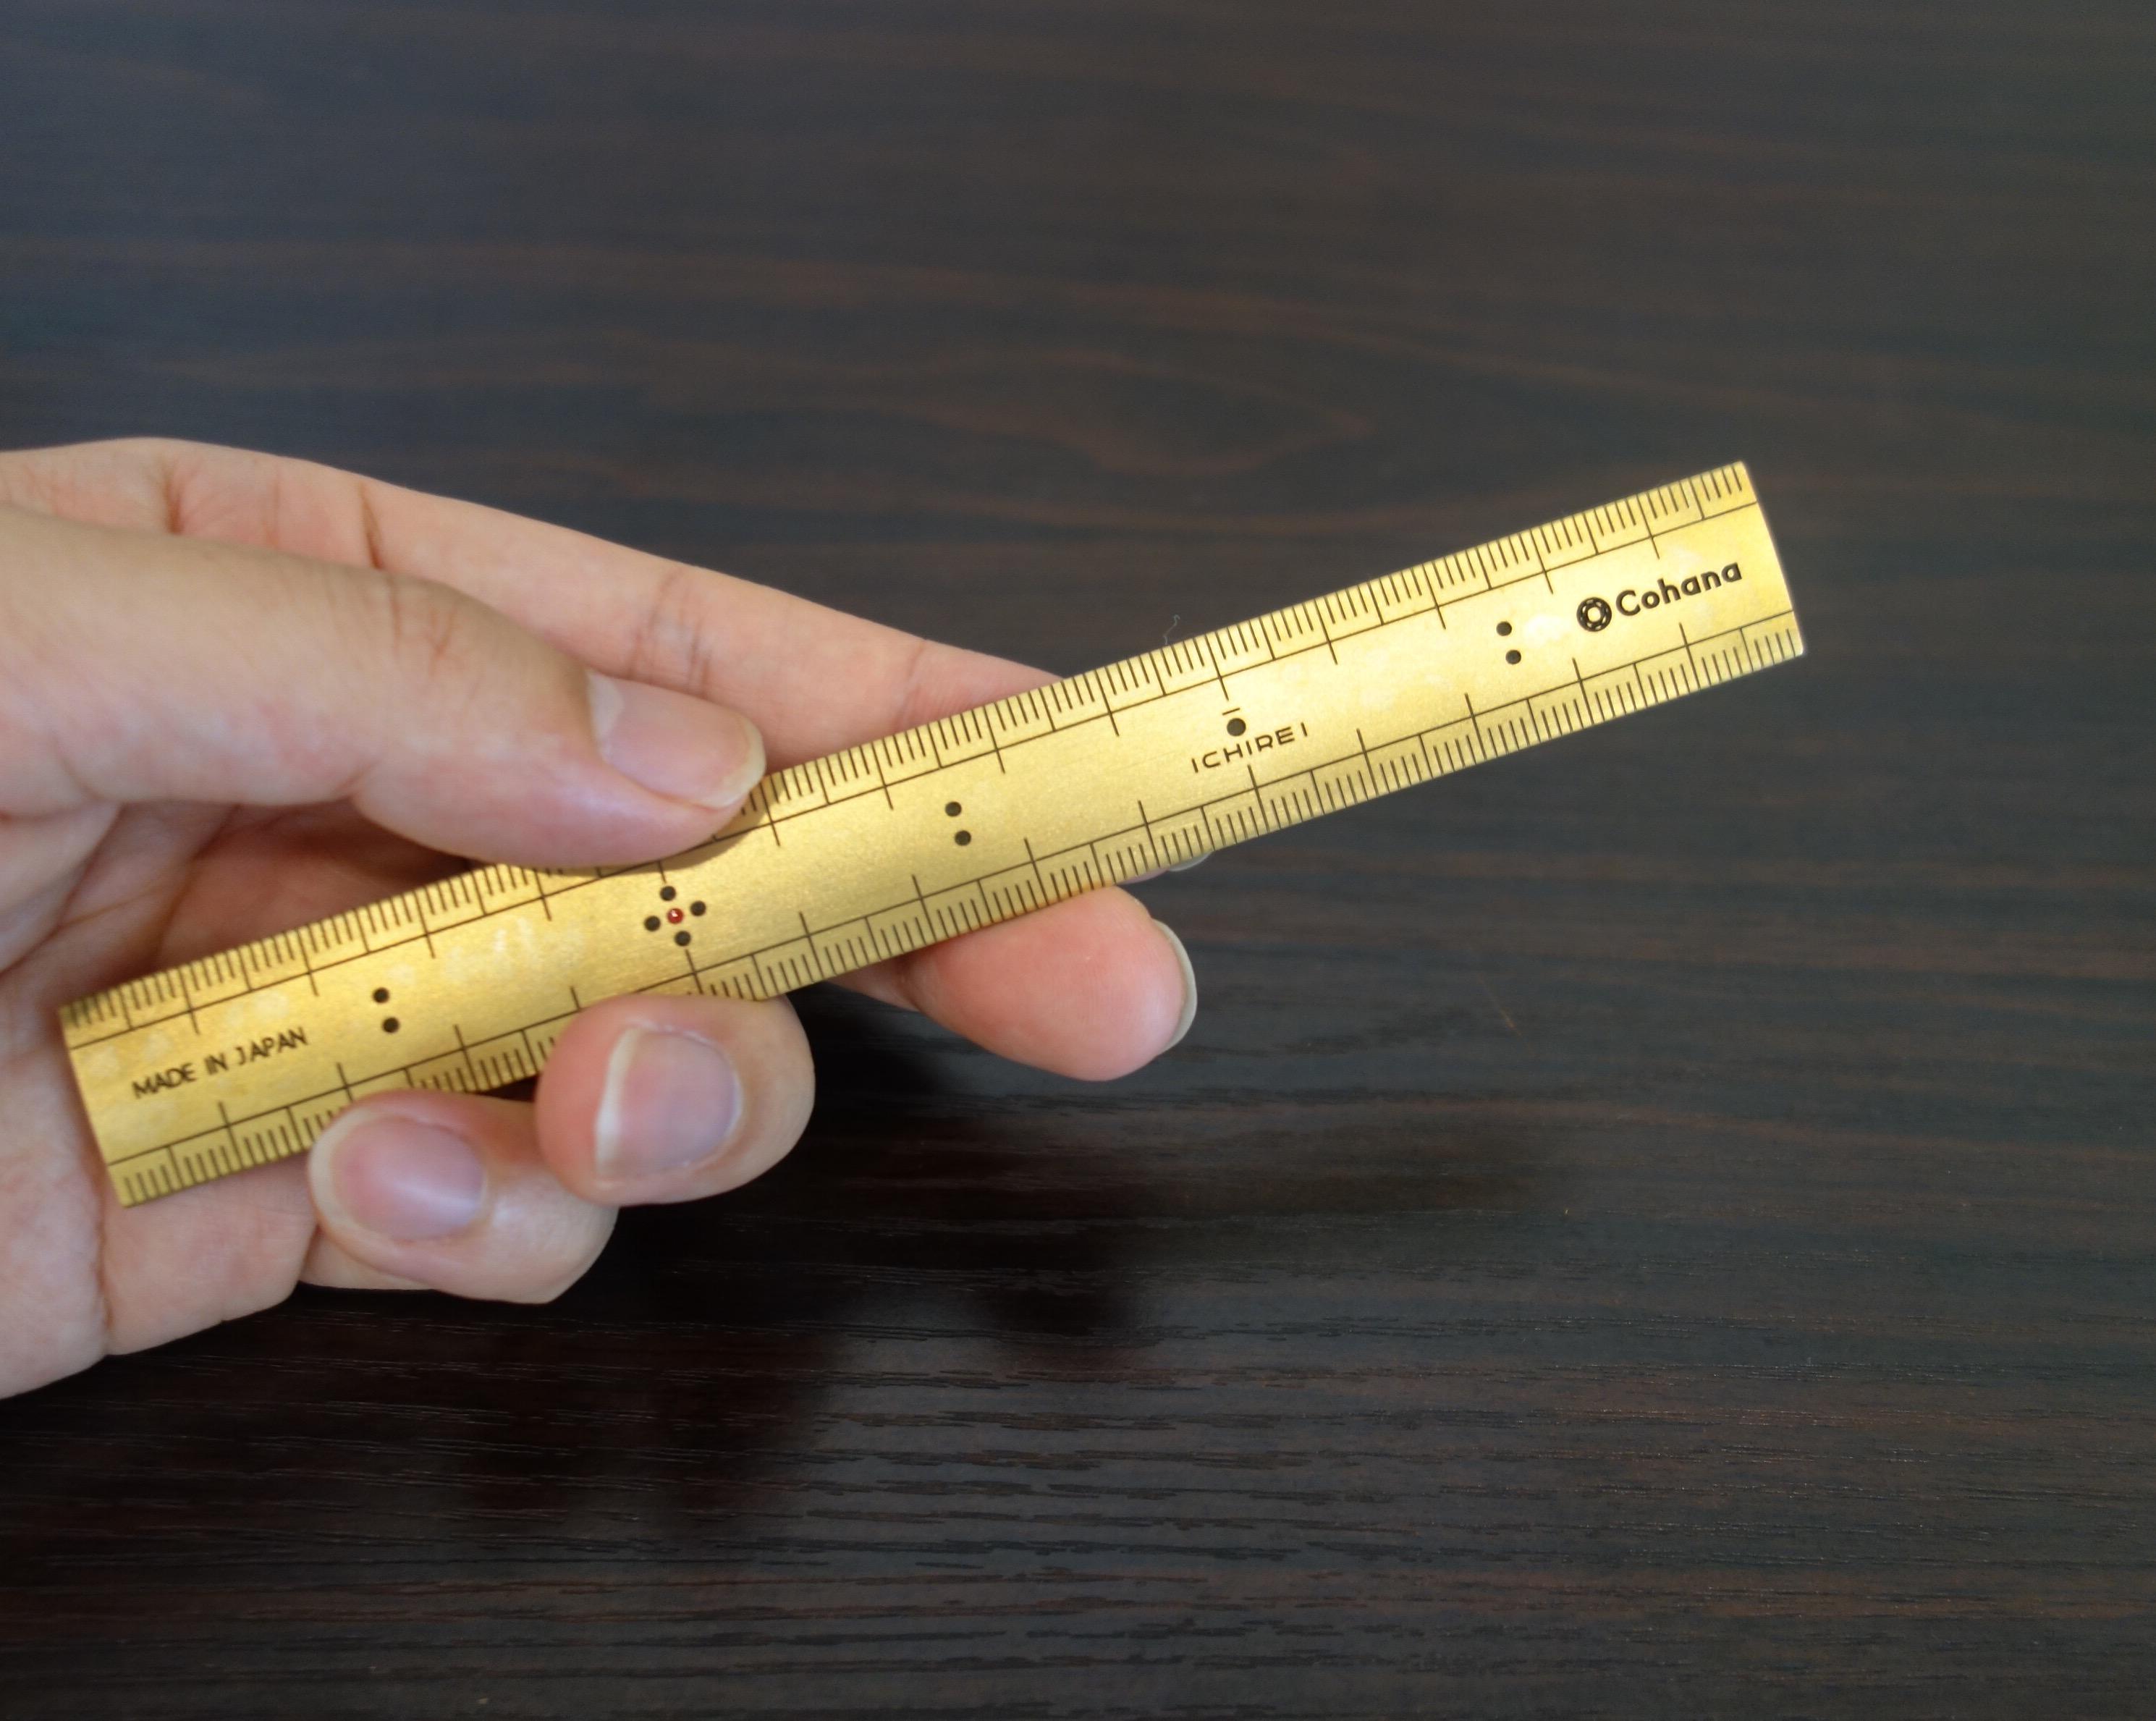 真鍮の竹尺 手に持った図